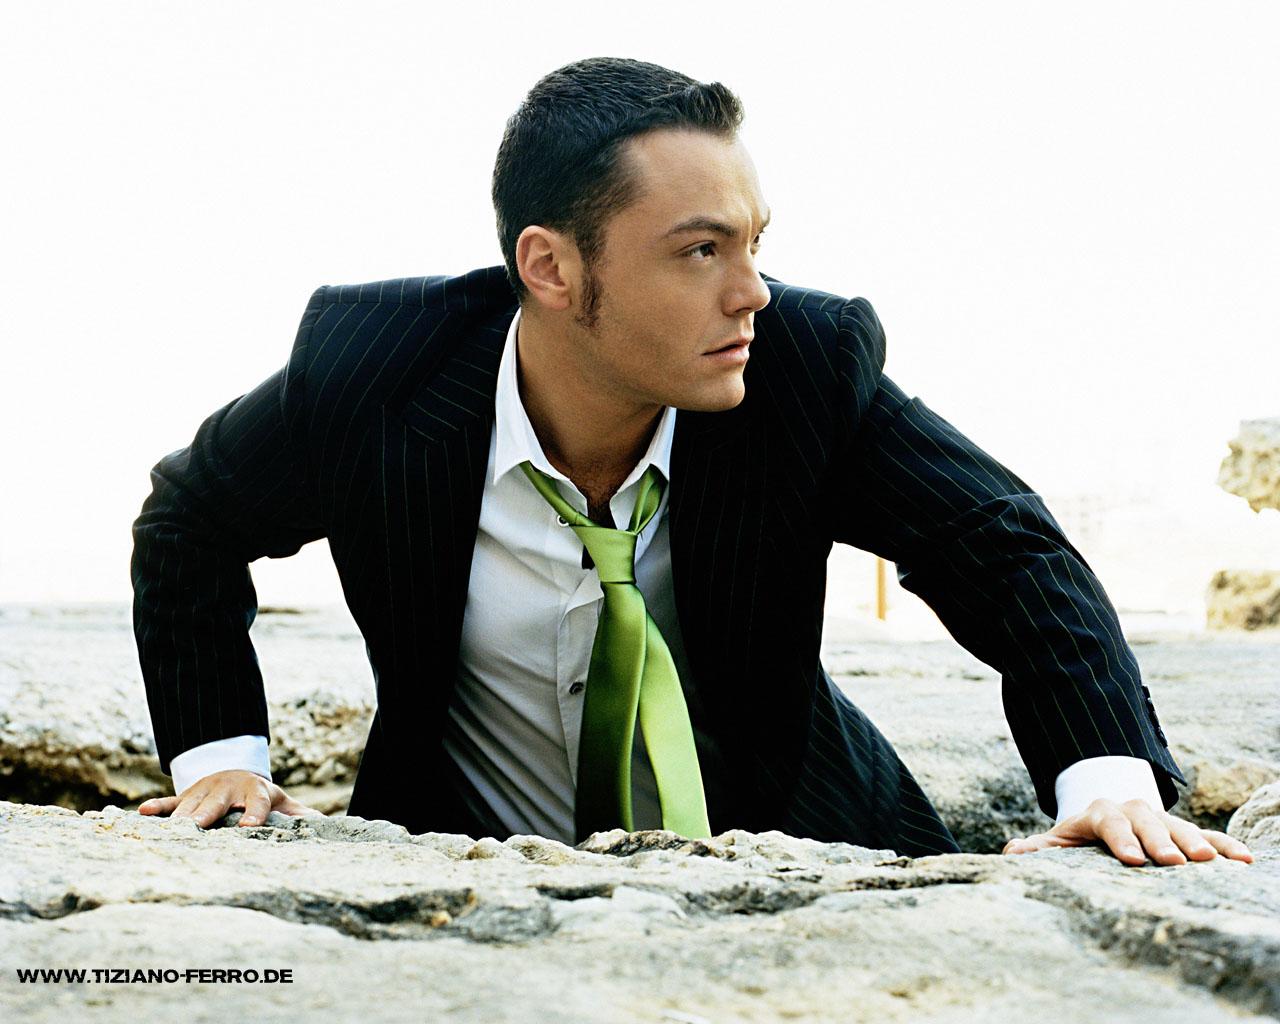 Traduzione canzone Karma feat. John Legend di Tiziano Ferro in italiano